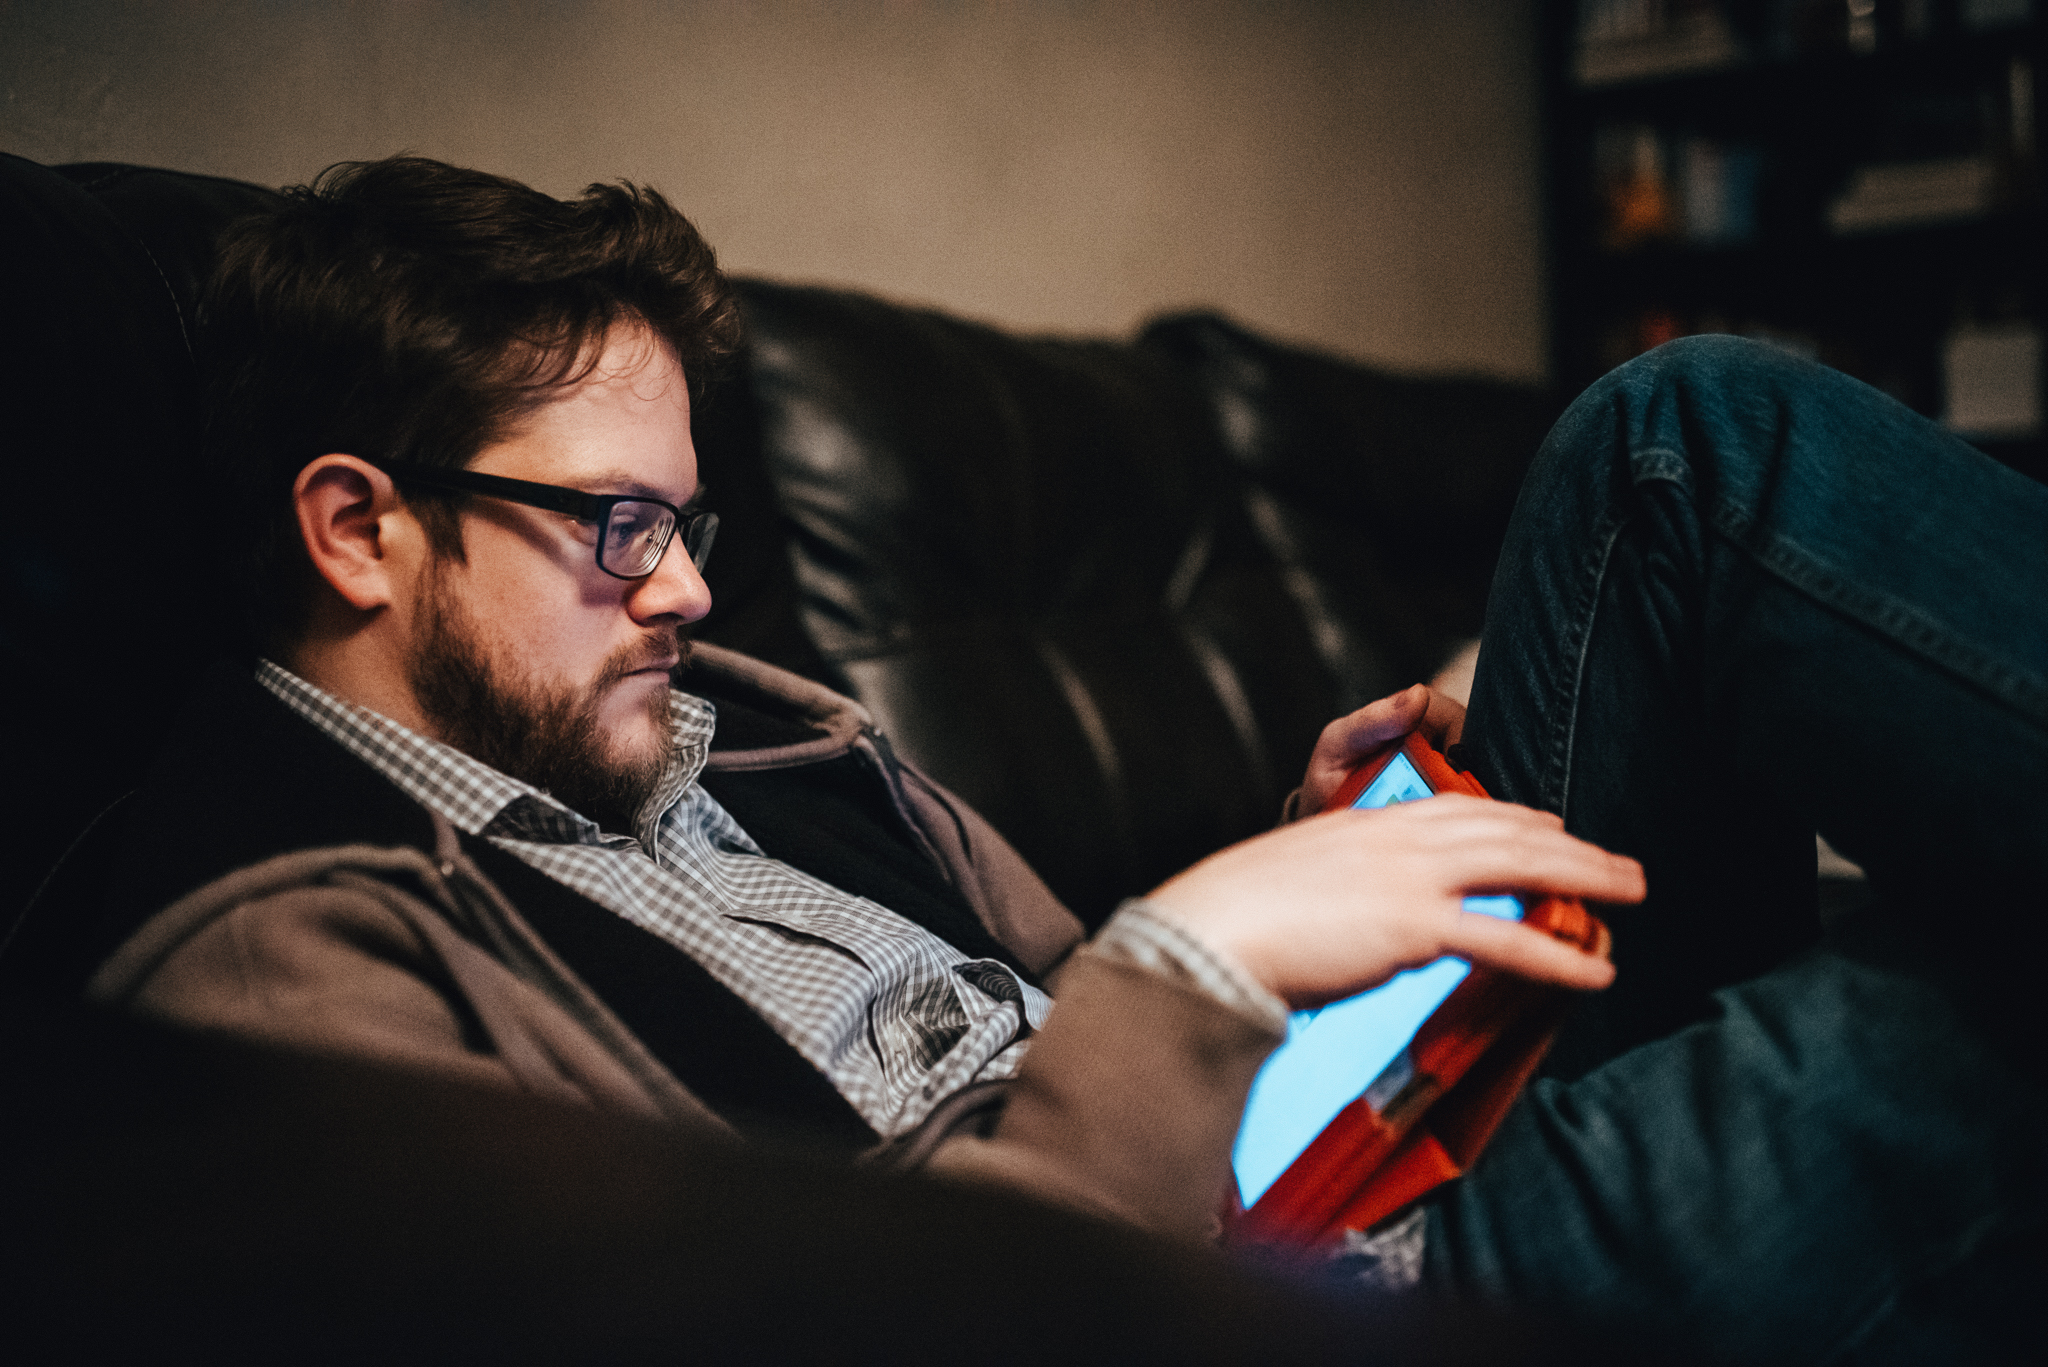 man on tablet